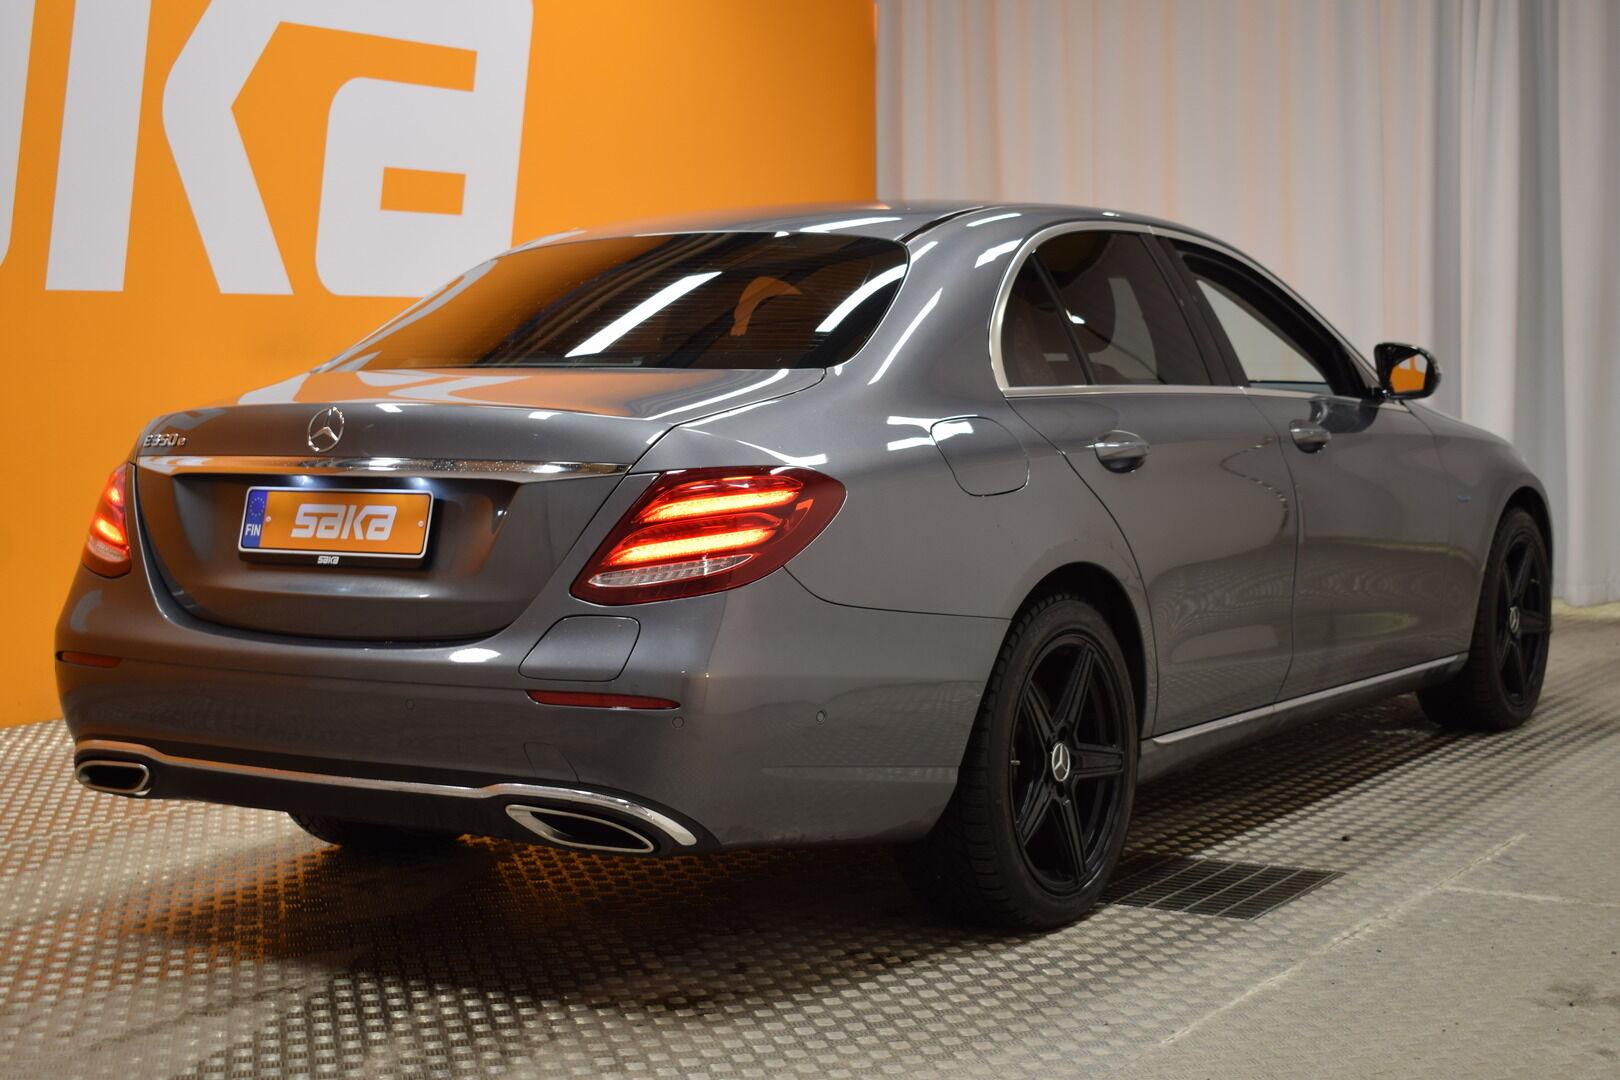 Harmaa Sedan, Mercedes-Benz E – KON-8903, kuva 8